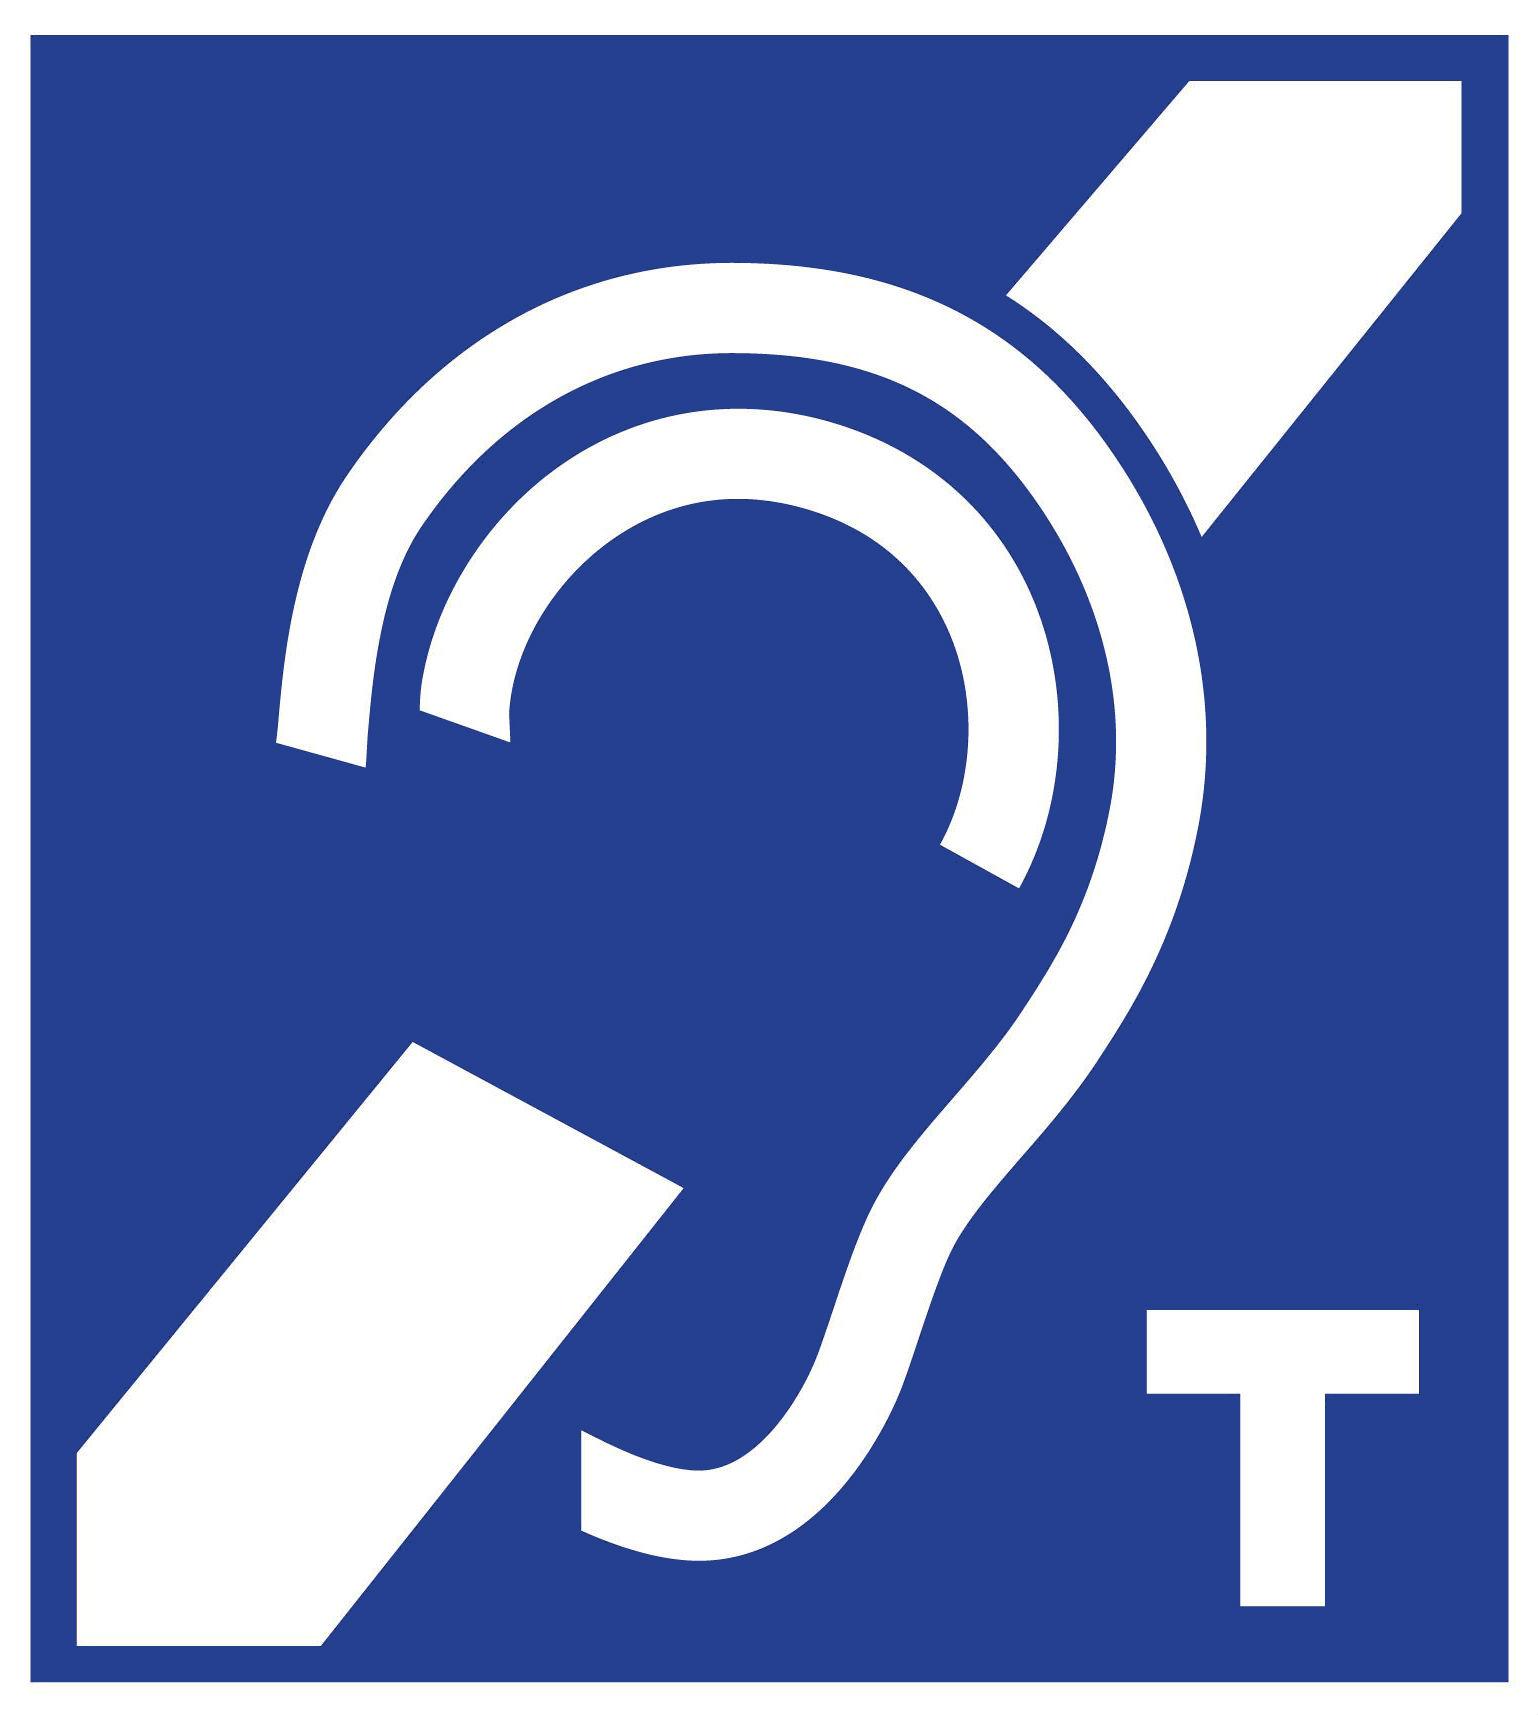 Simbol_za_sistem_indukcijske_zanke_na_javnih_krajih-AUDIO_BM_slusni_pripomocki